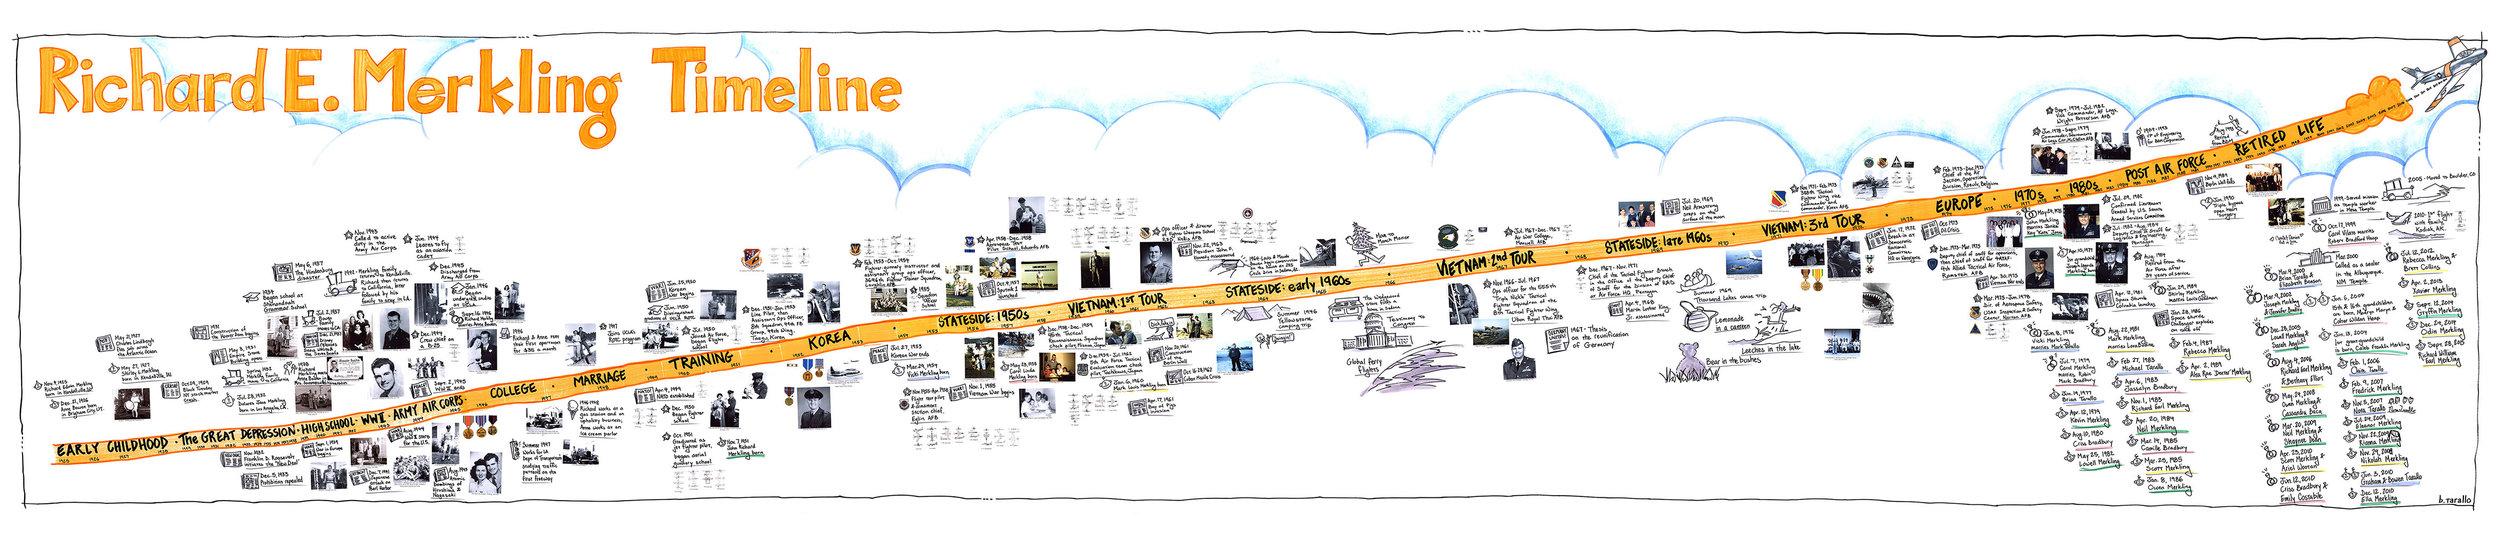 Visual timeline of the life of Richard E. Merkling.